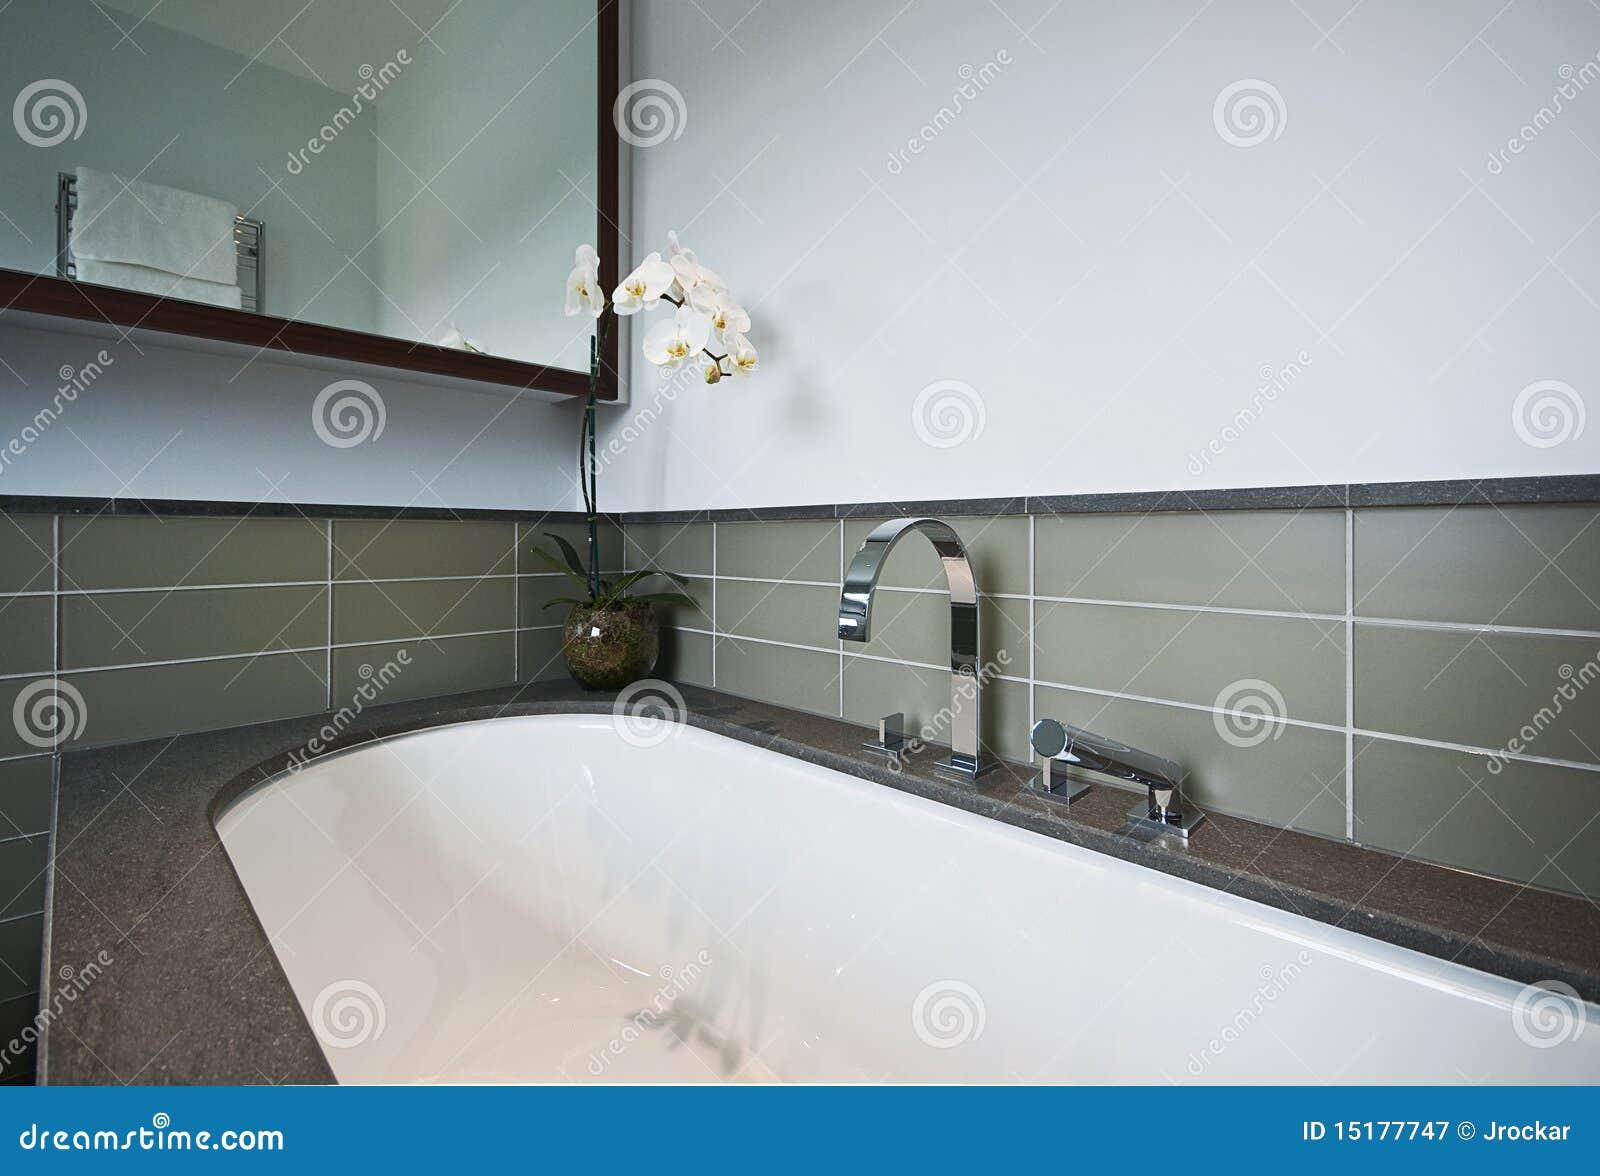 Vasca Da Bagno Ad Angolo Misure : Vasche da bagno angolari misure. misure standard vasche da bagno